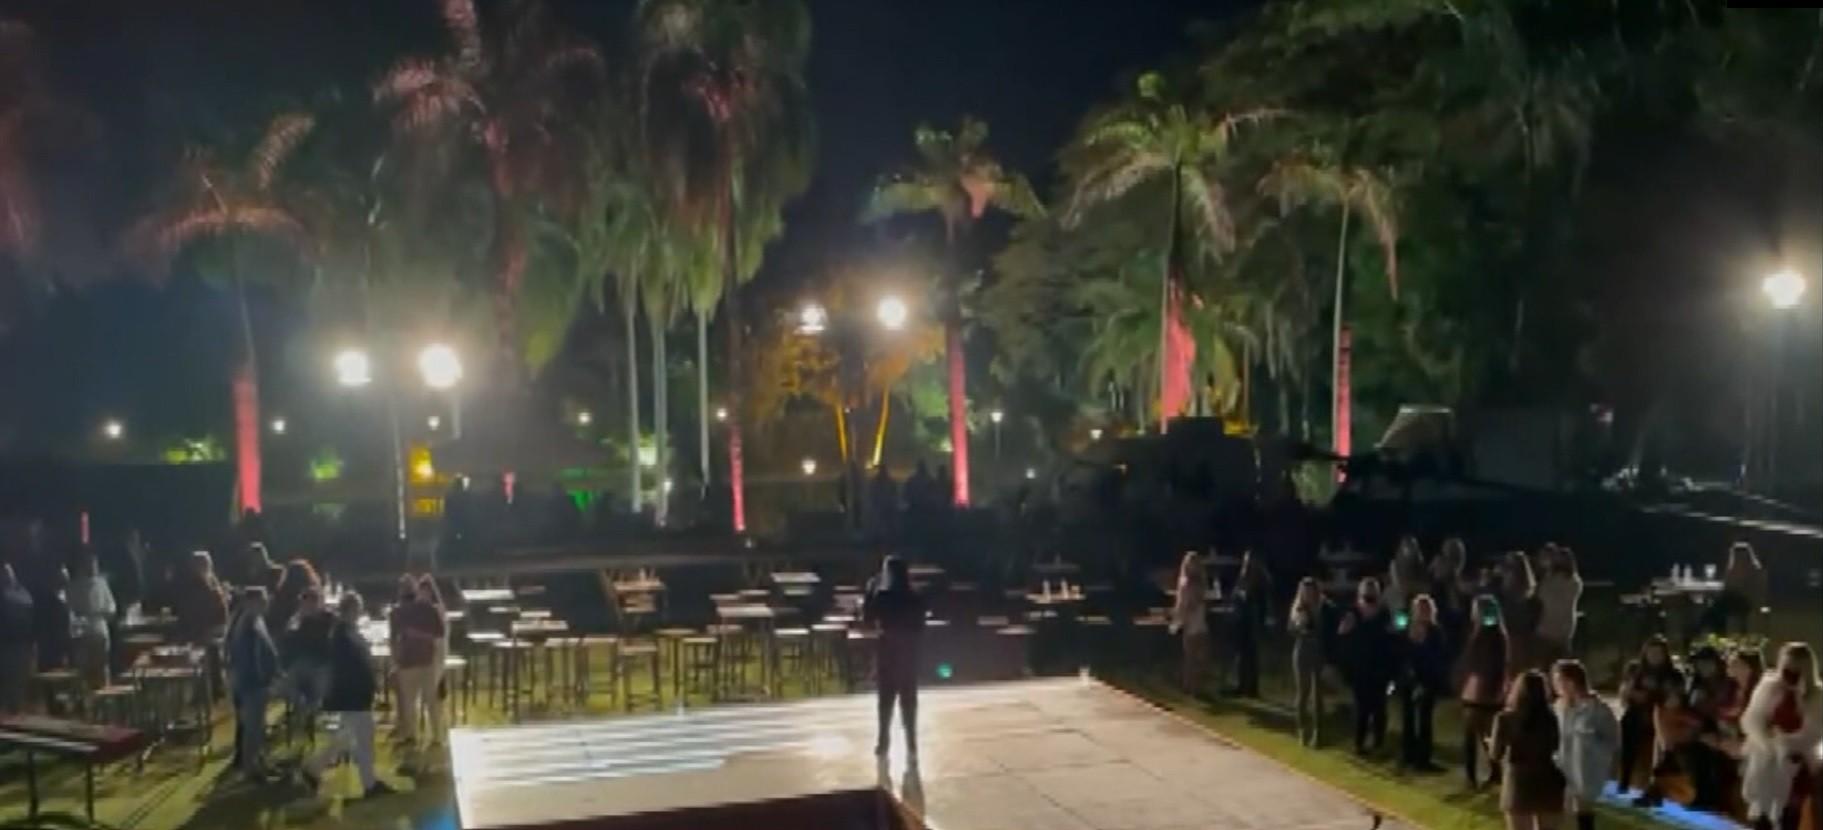 Guarda encerra festa com 150 pessoas em Campinas durante blitz da pandemia; Valinhos faz barreira sanitária